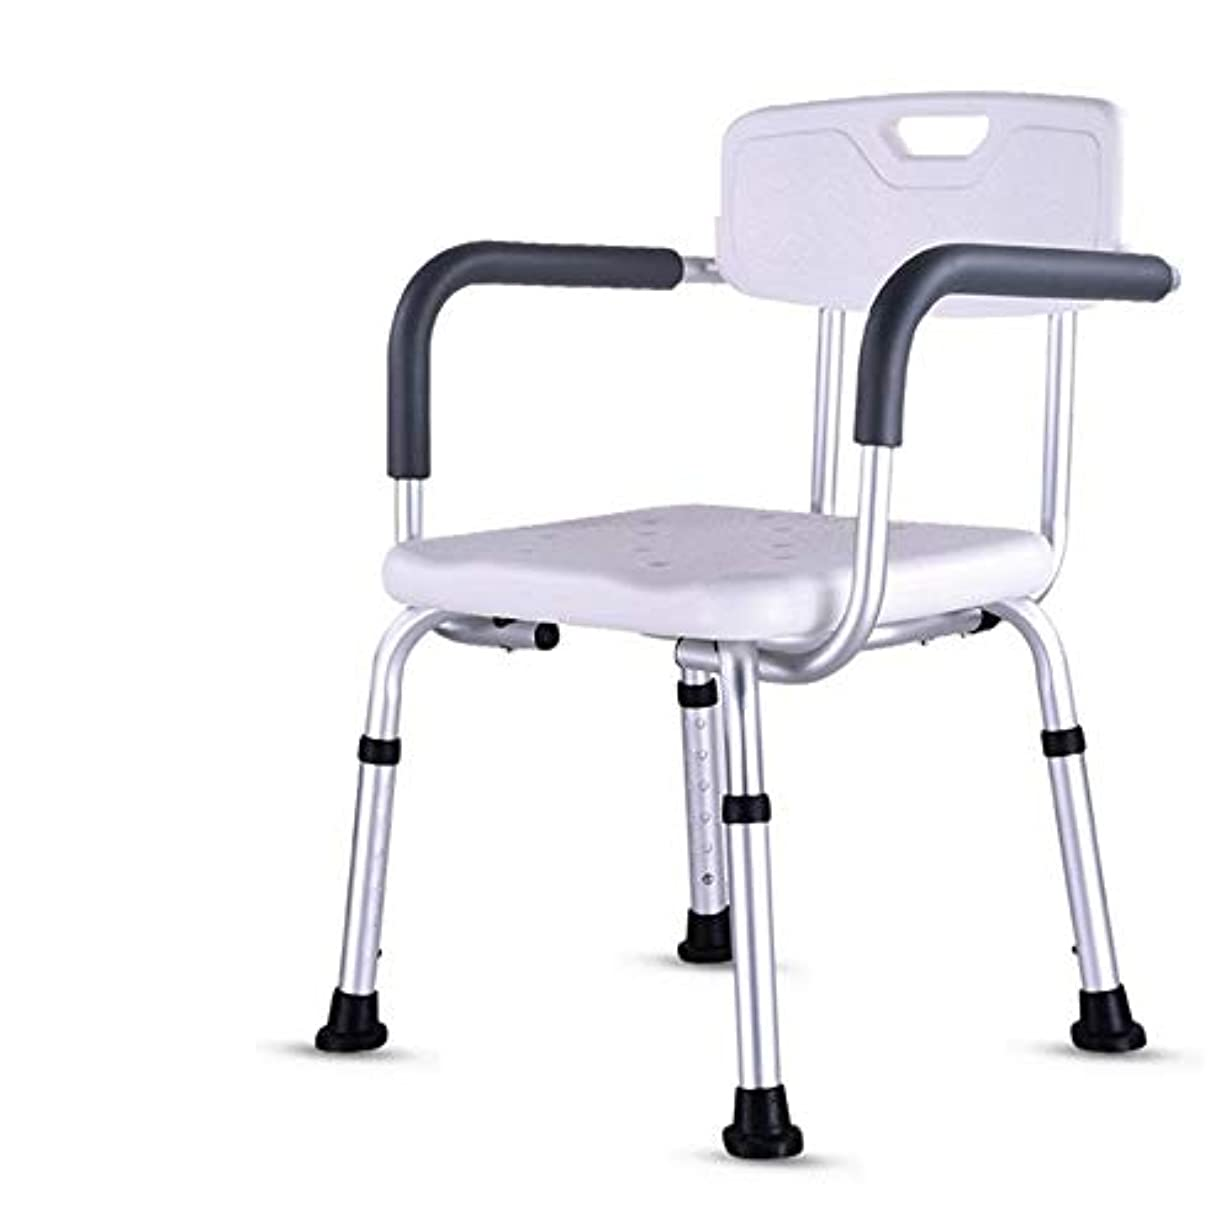 不規則性一次器具背もたれ付き軽量折りたたみウェットバスルームシャワーシートチェア-高さ調節可能